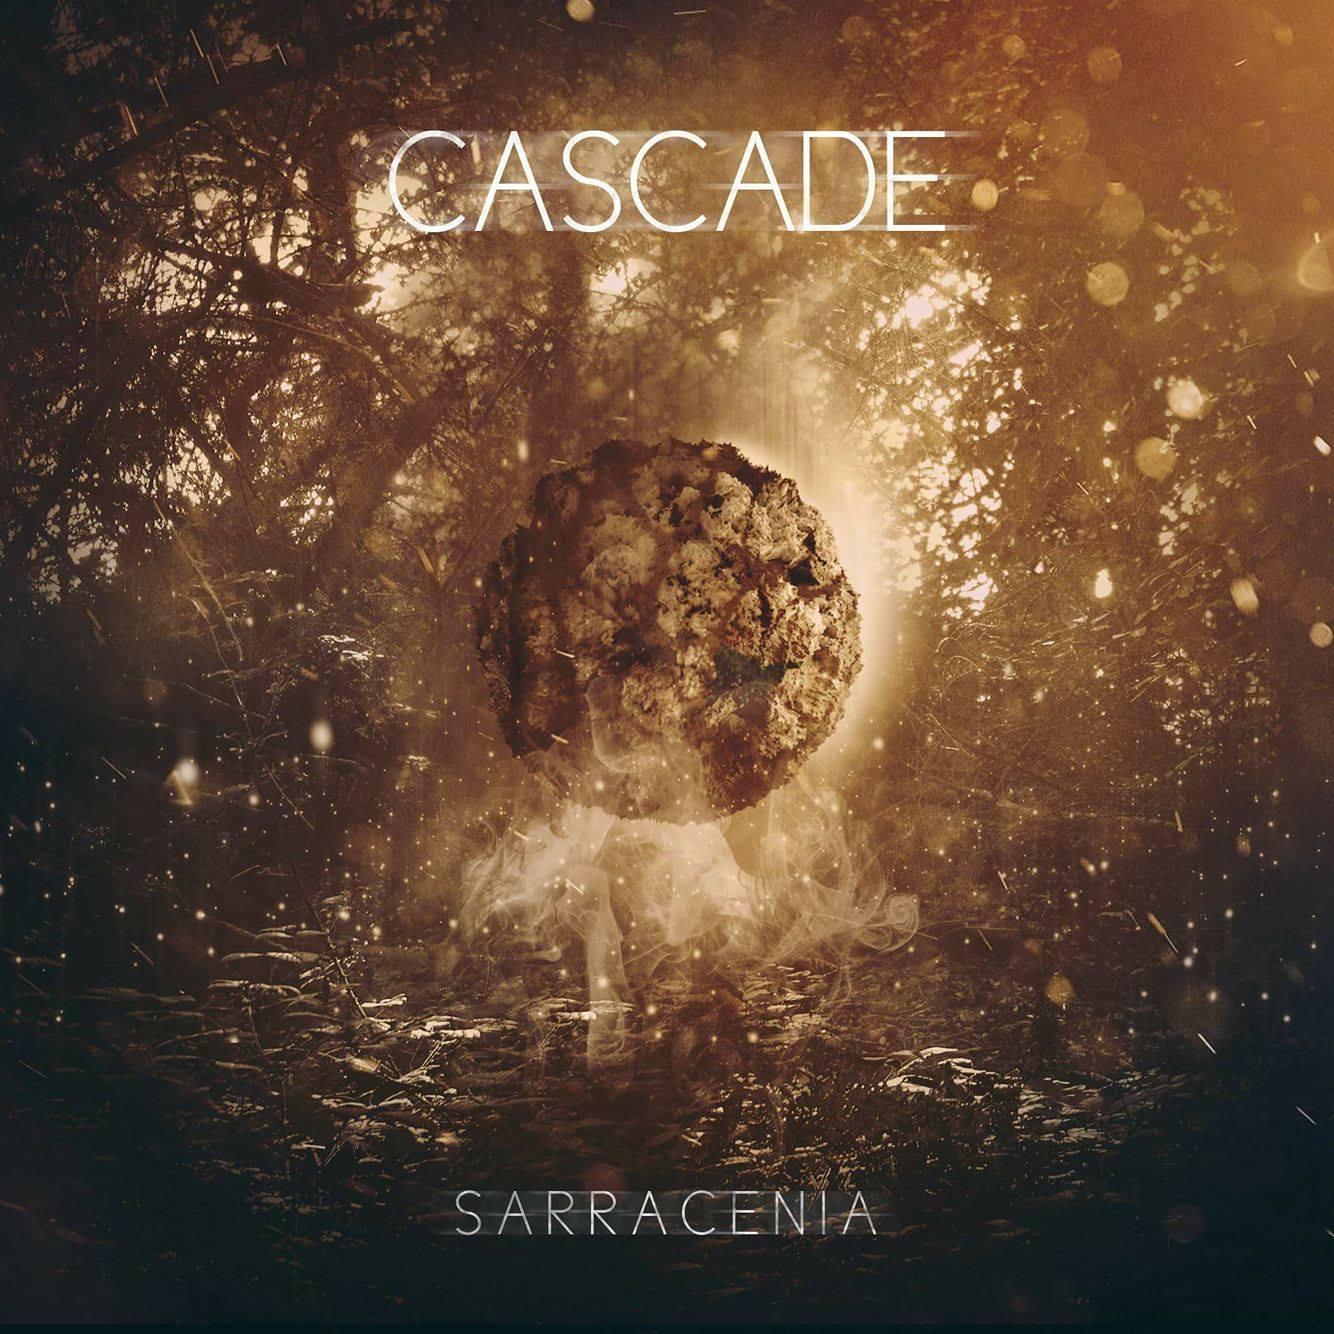 Cascade - Sarracenia [Debut Single] (2016)